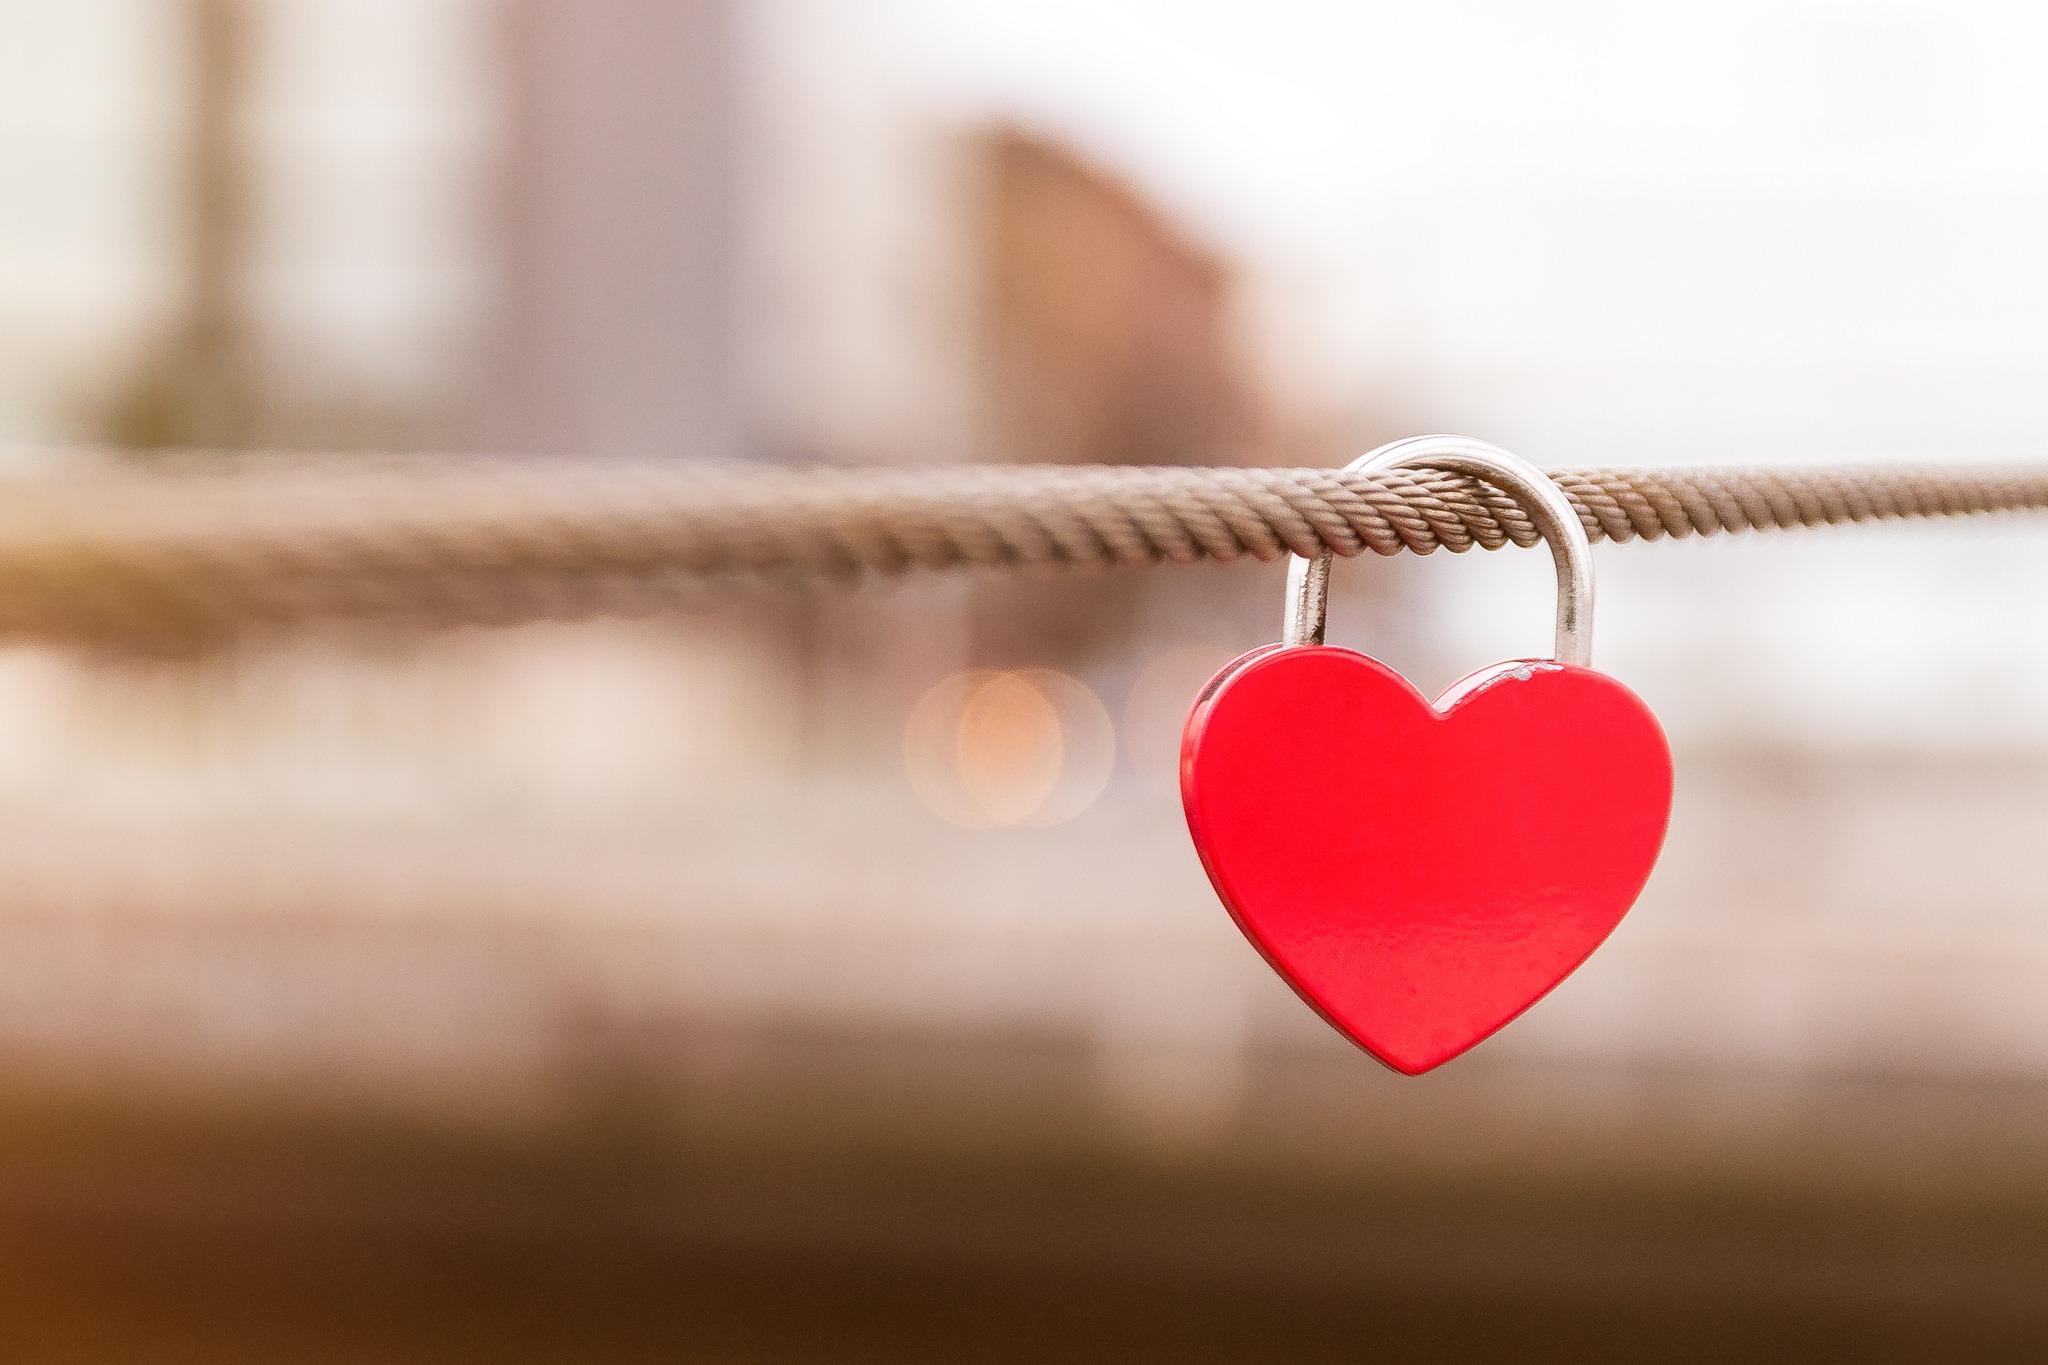 Hình ảnh trái tim ngọt ngào dễ thương về tình yêu